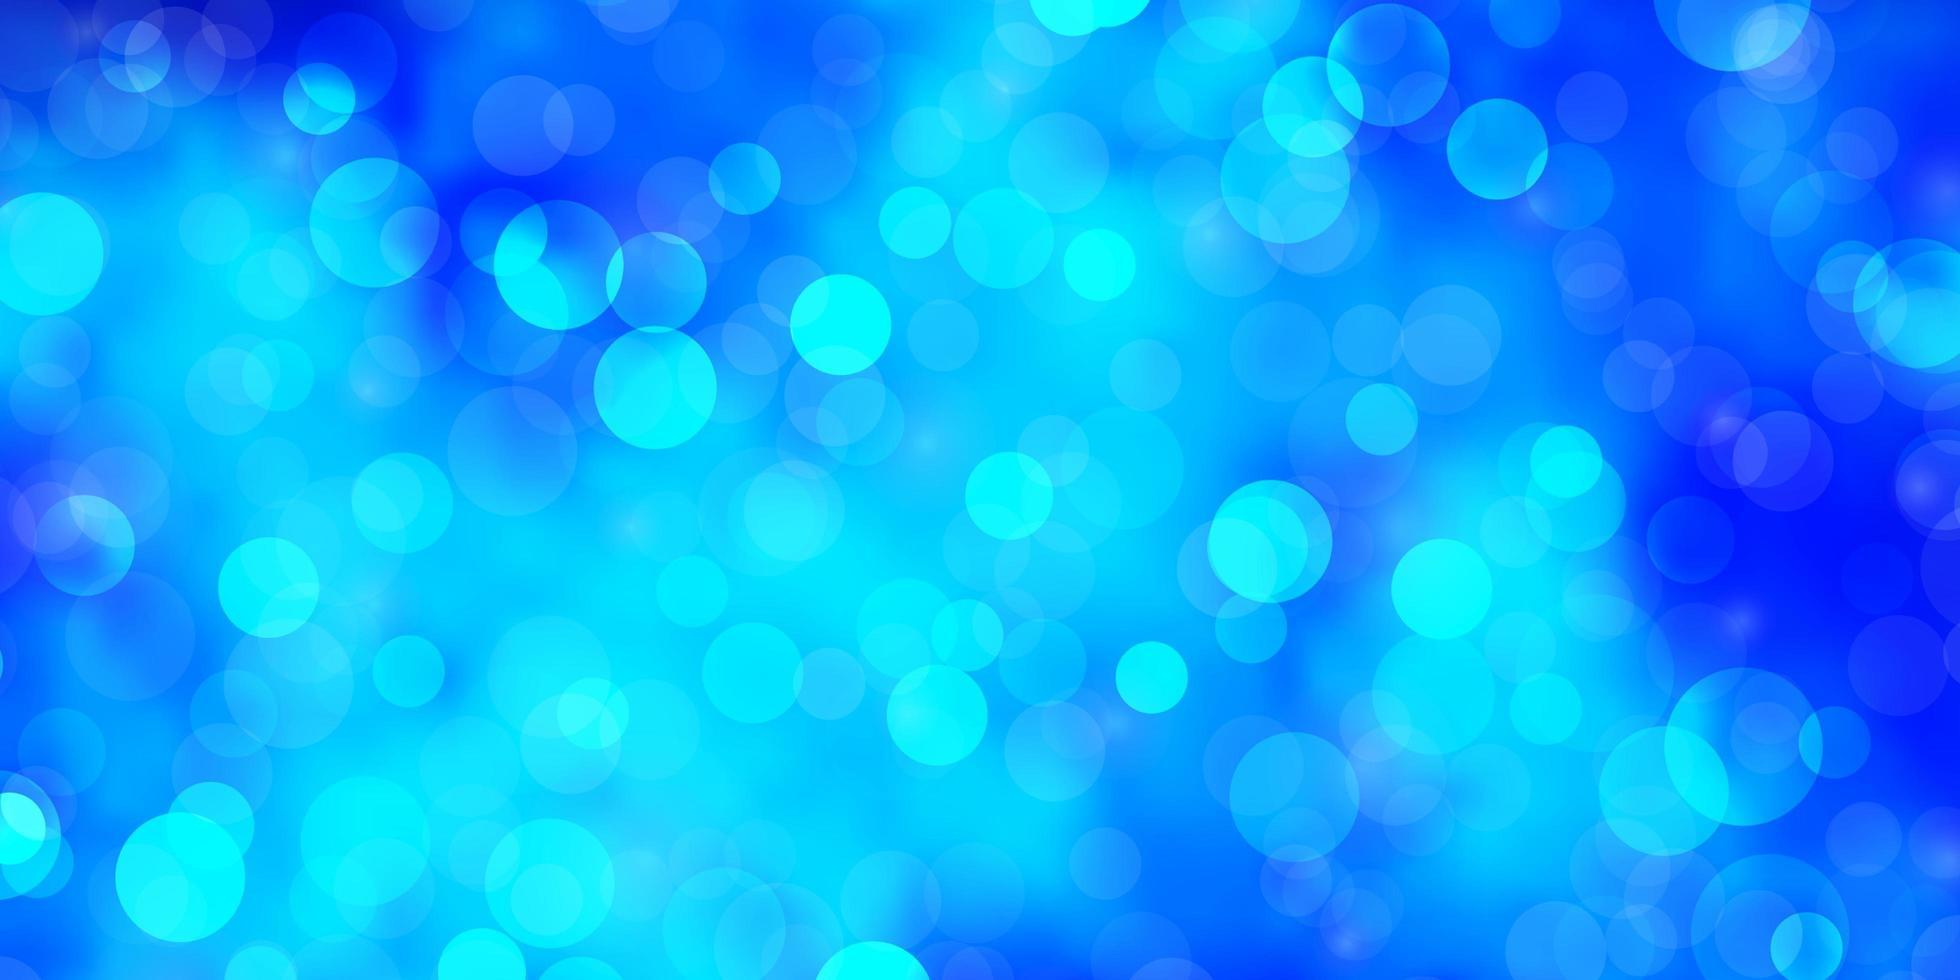 fundo azul claro do vetor com círculos.